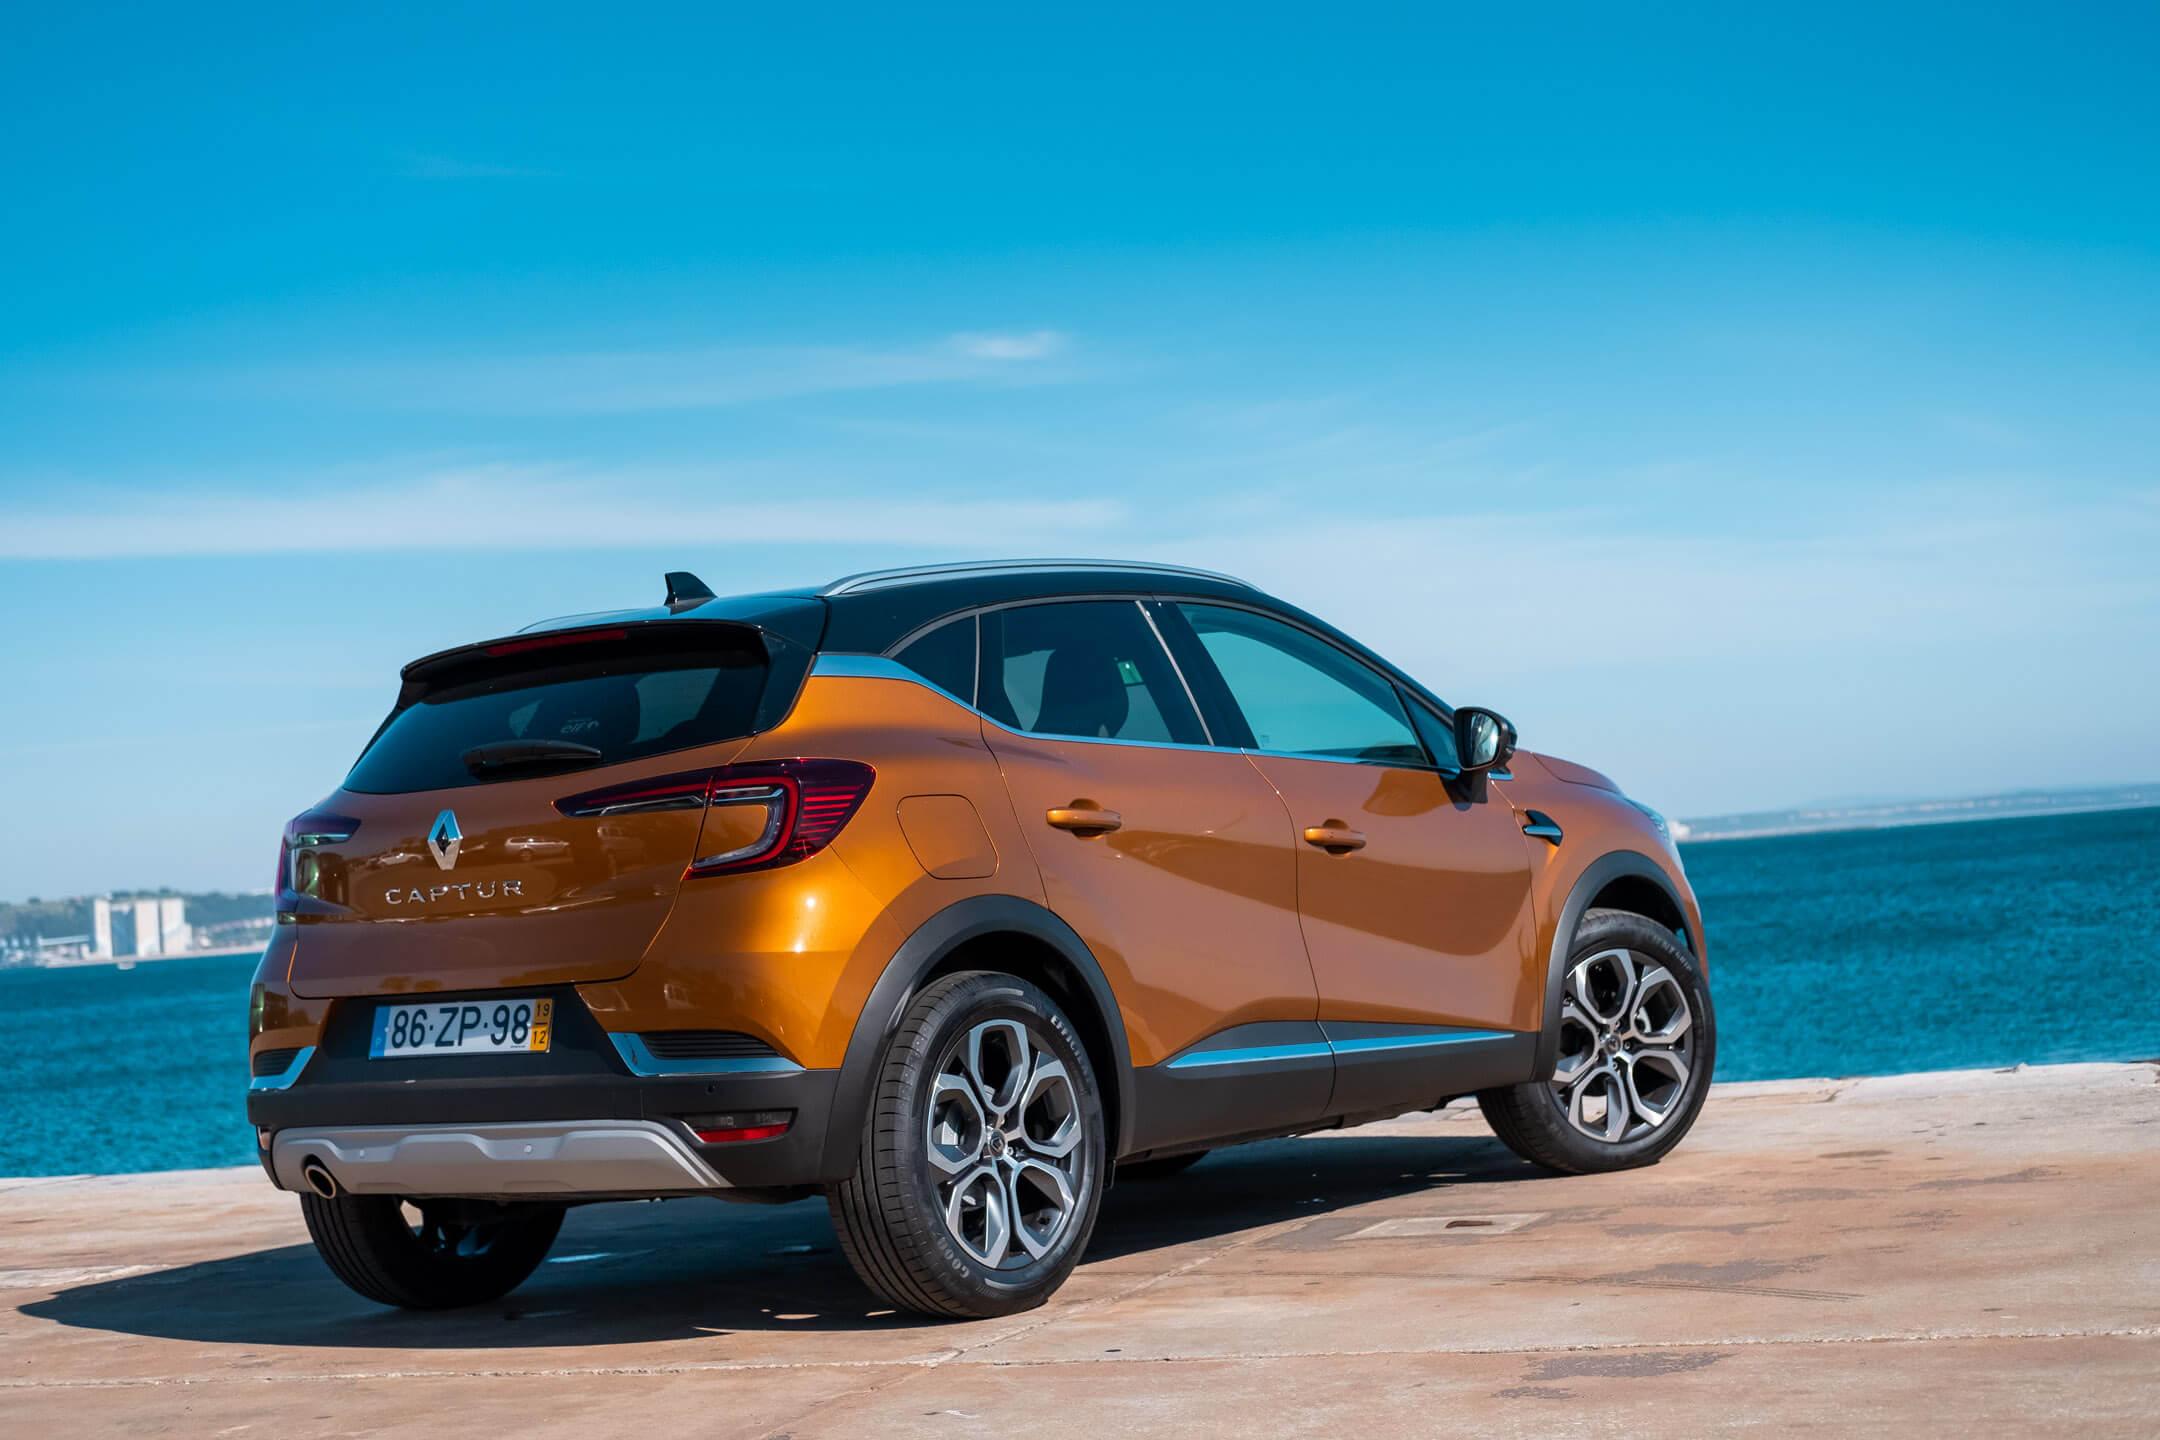 Renault Captur 1.0 Tce